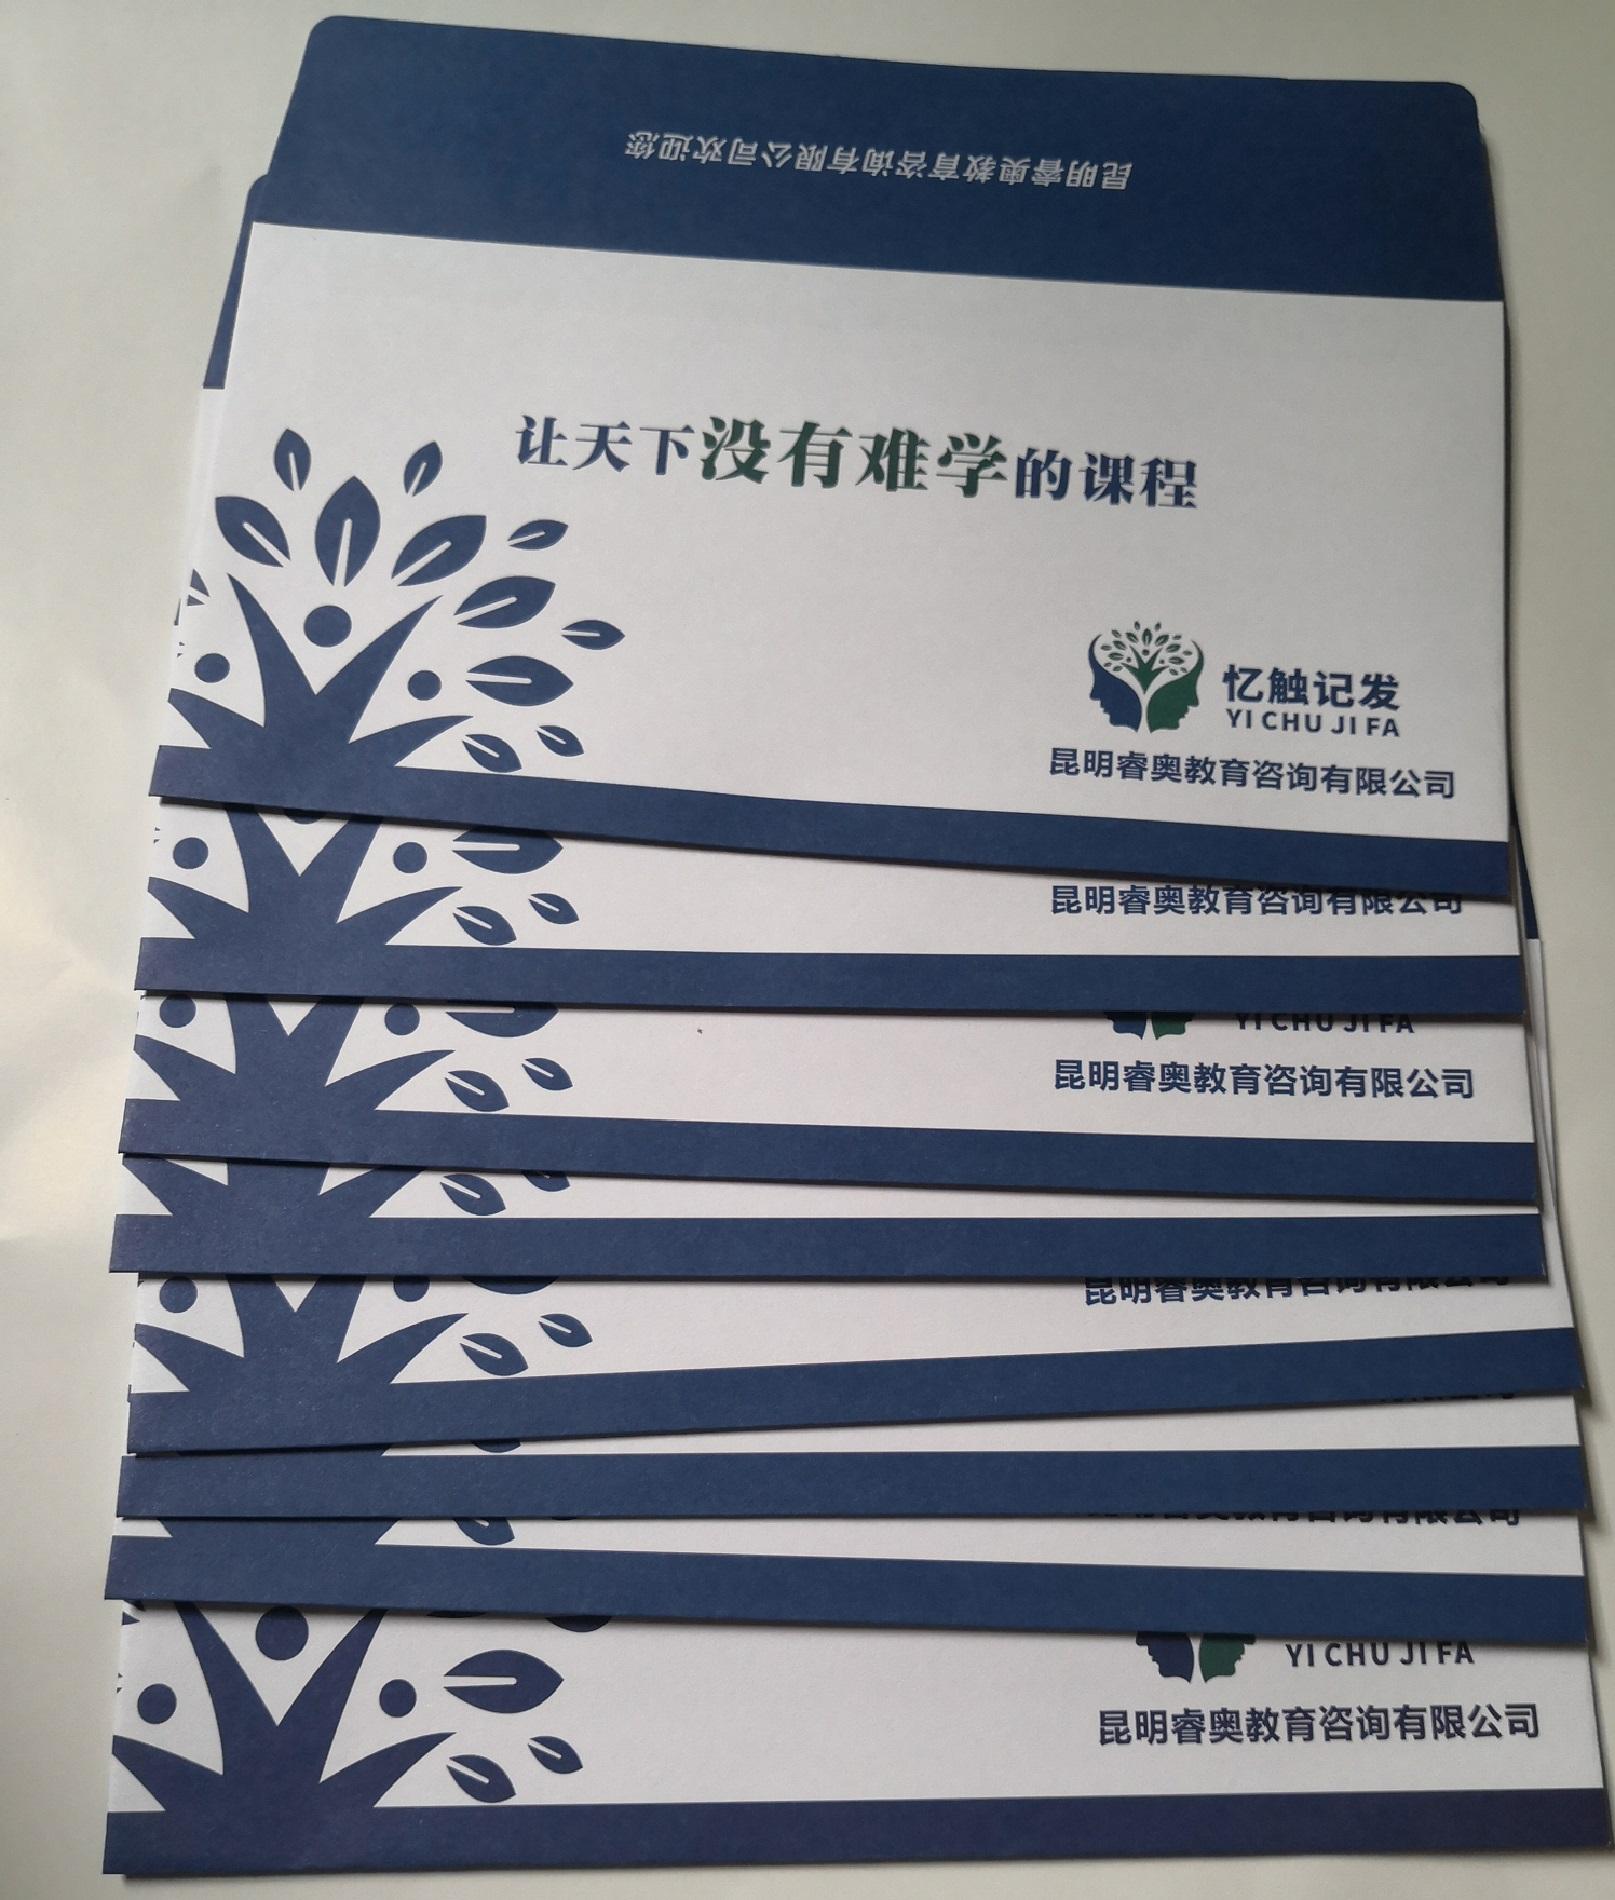 长春增值税信封印刷生产信封厂家低价定制信封